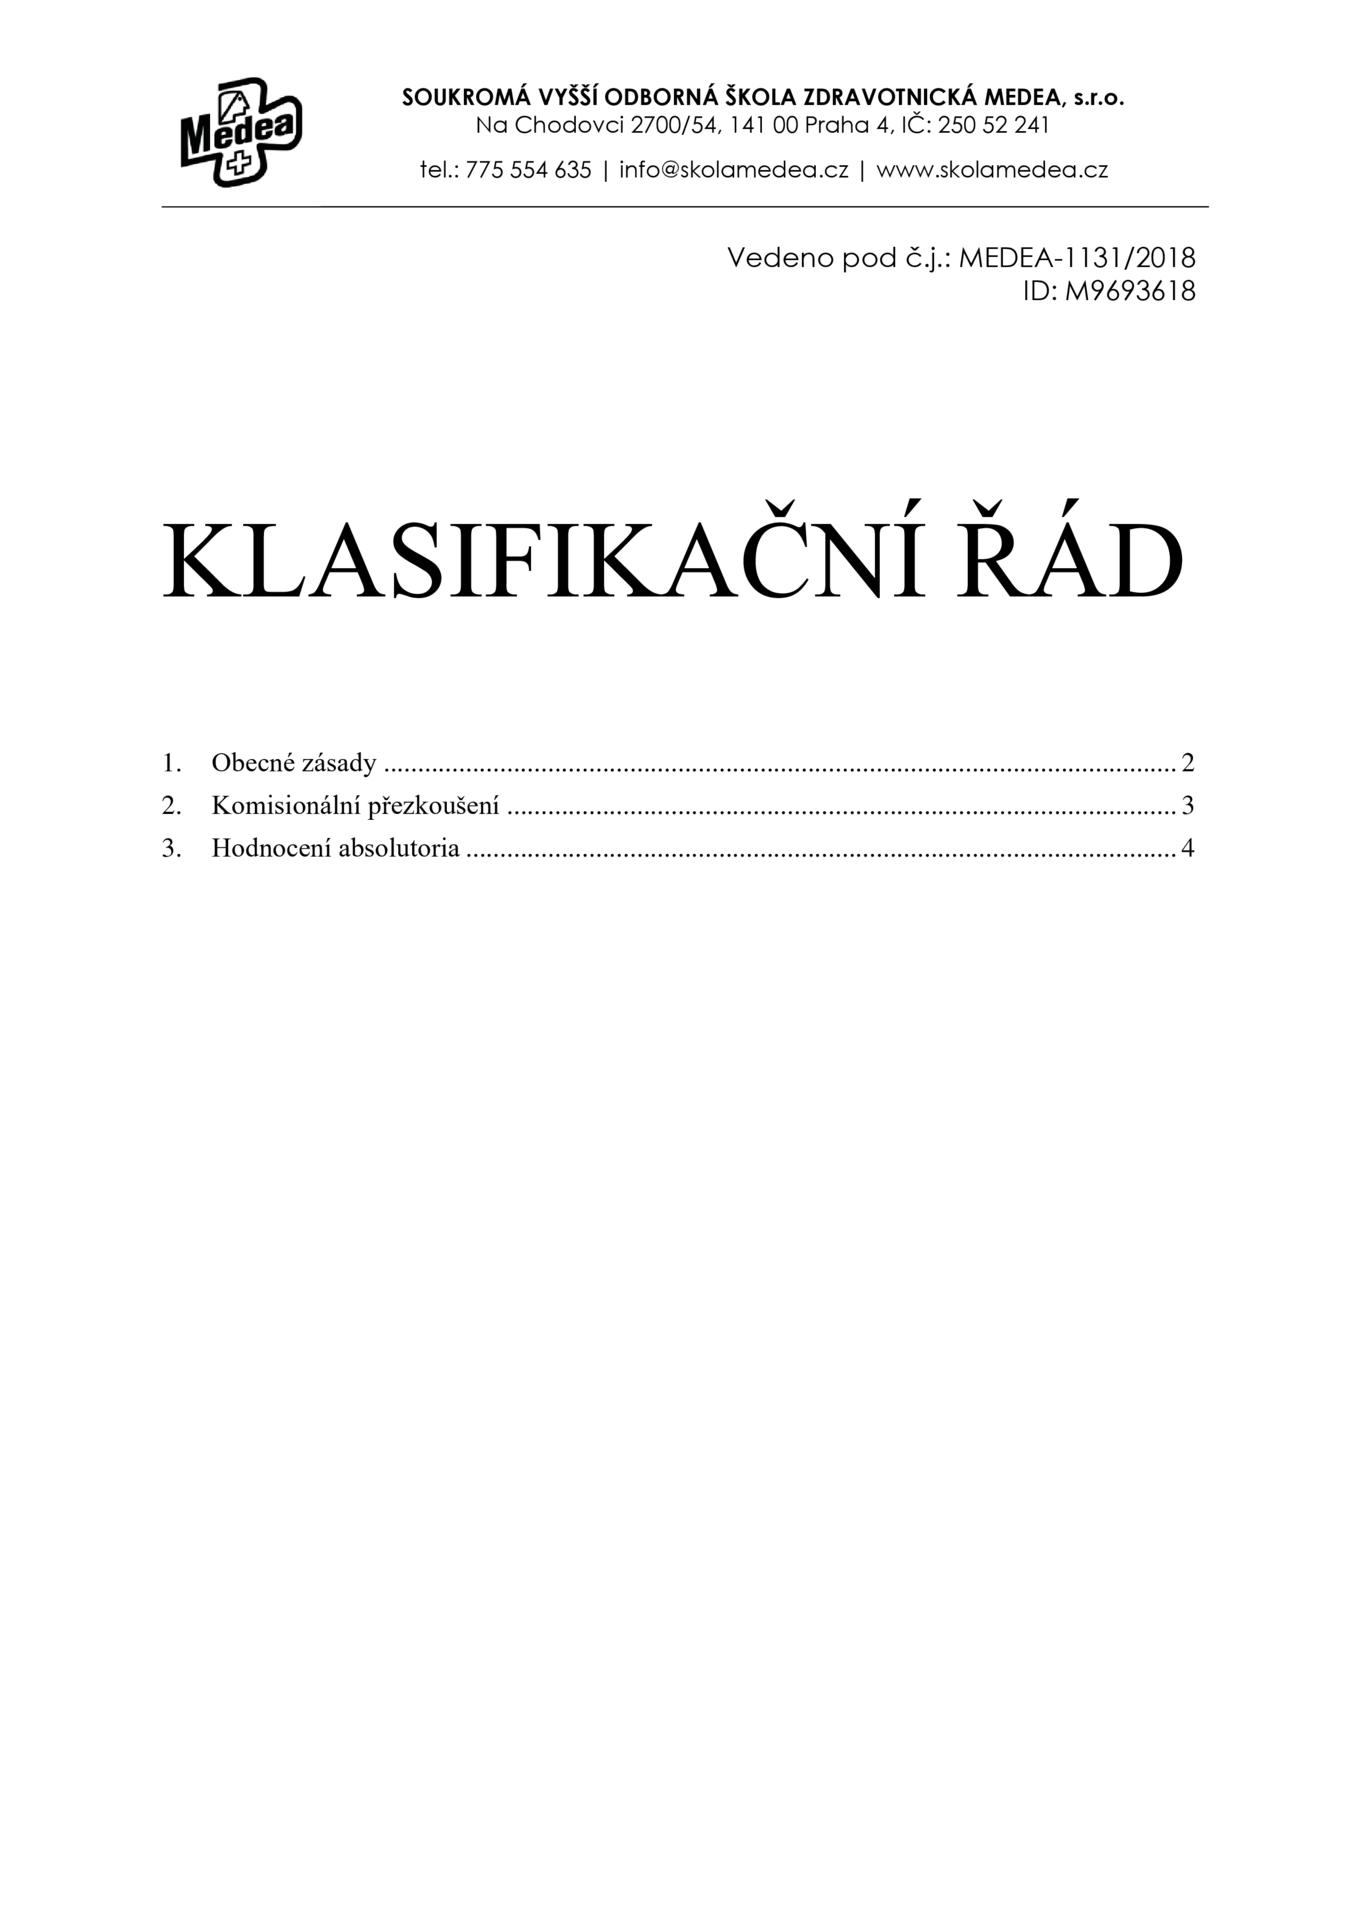 thumbnail of Klasifikační-řád-2018-10-22